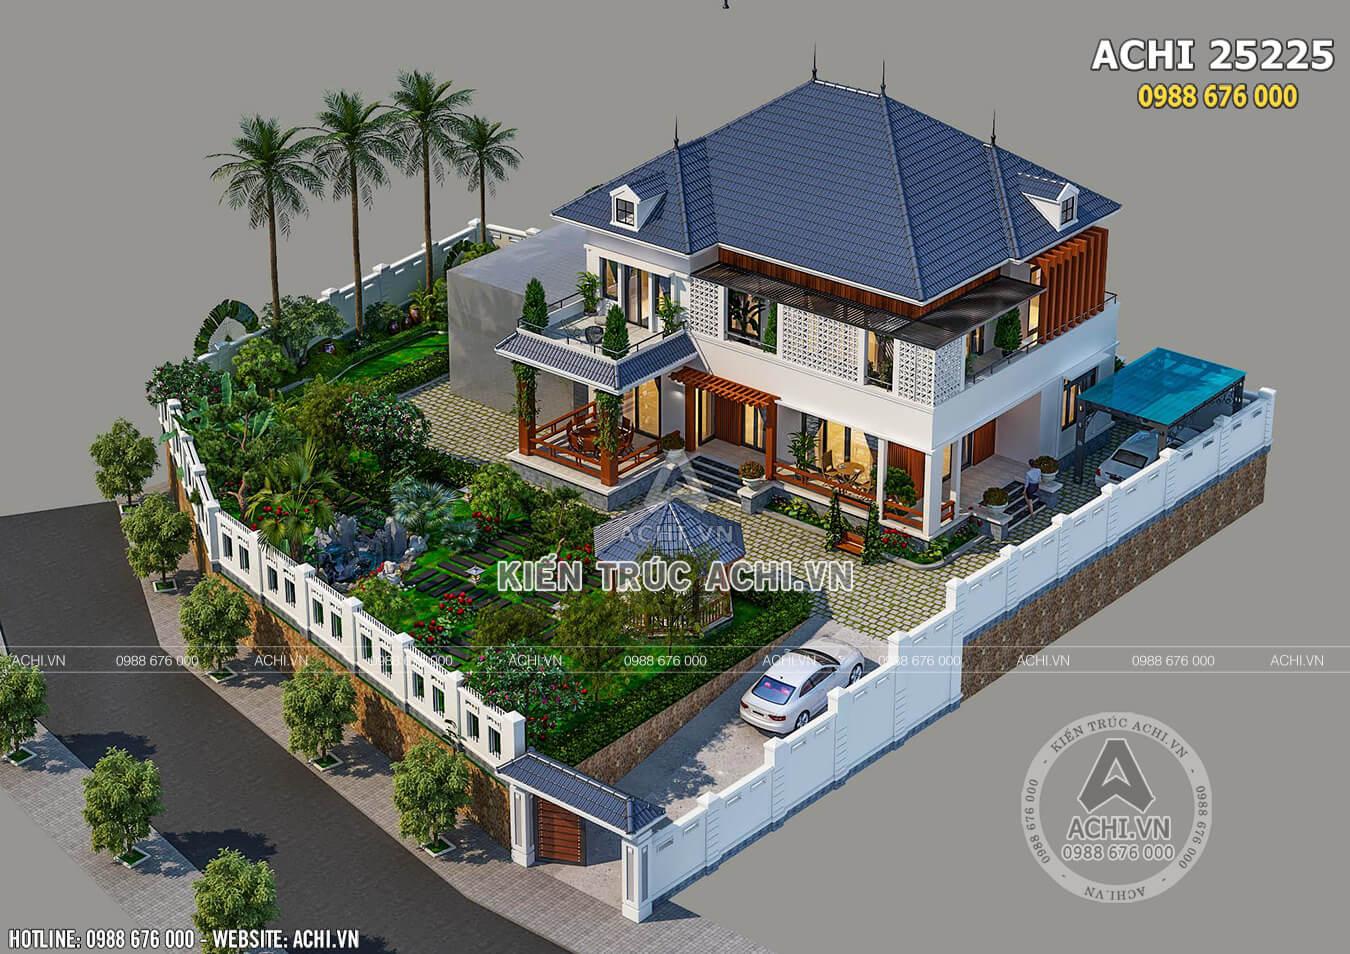 Toàn cảnh không gian ngoại thất mẫu nhà biệt thự 2 tầng hiện đại đẹp mái Thái - ACHI 25225